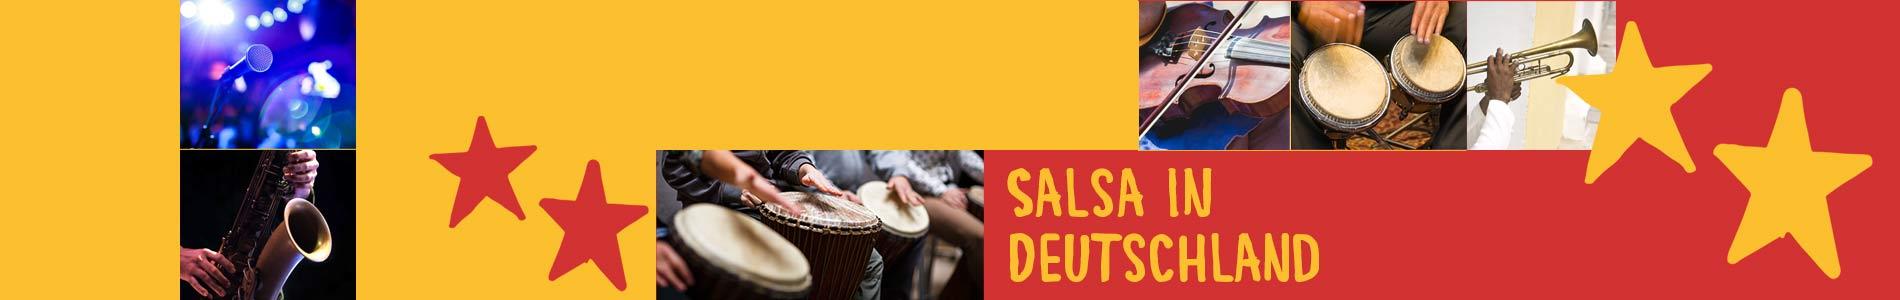 Salsa in Cochem – Salsa lernen und tanzen, Tanzkurse, Partys, Veranstaltungen